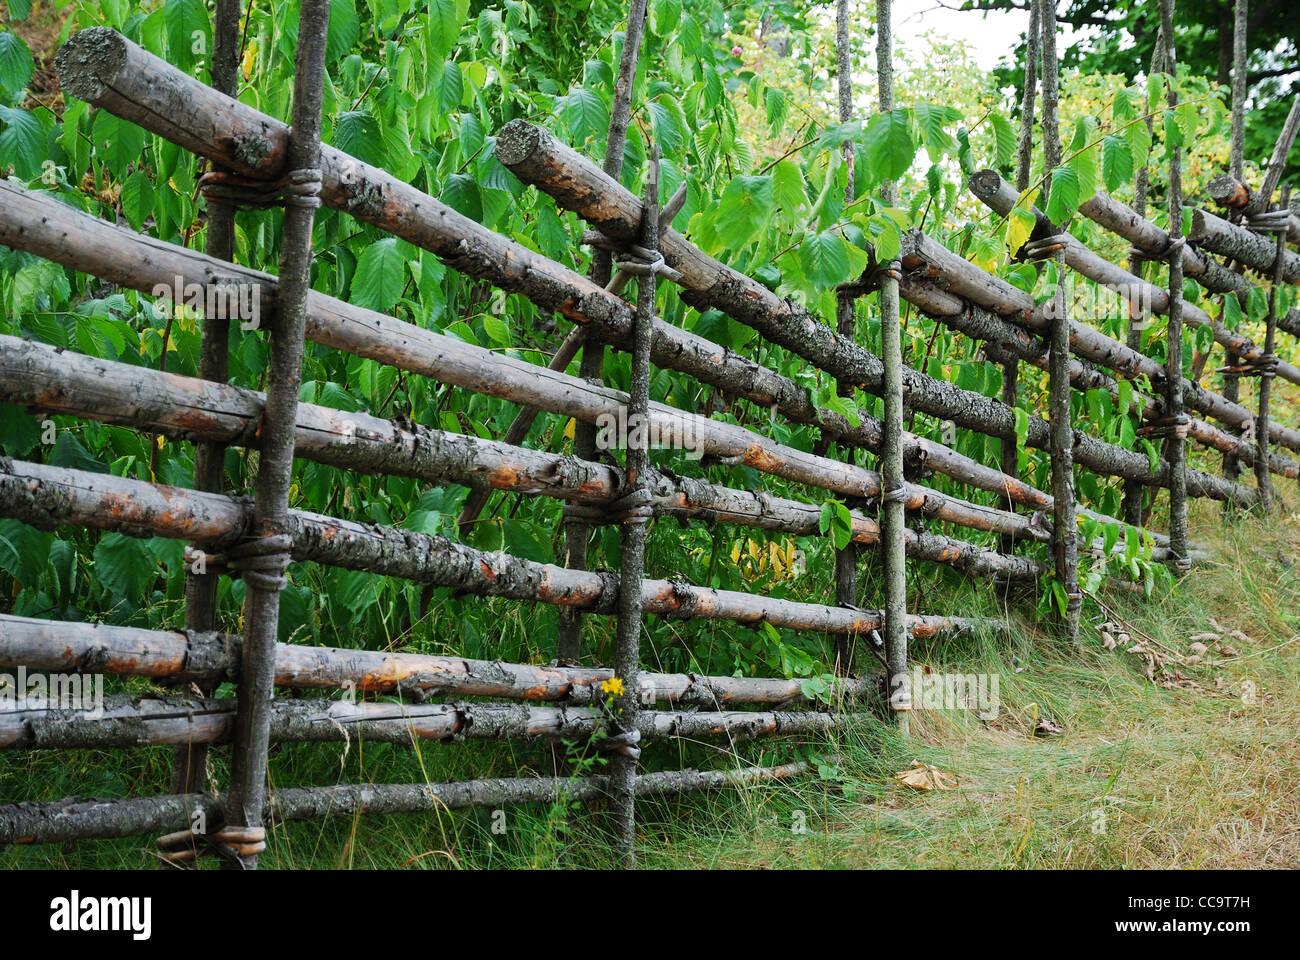 Schwedischen Zaun Aus Holz Stangen Stockfoto Bild 42013205 Alamy